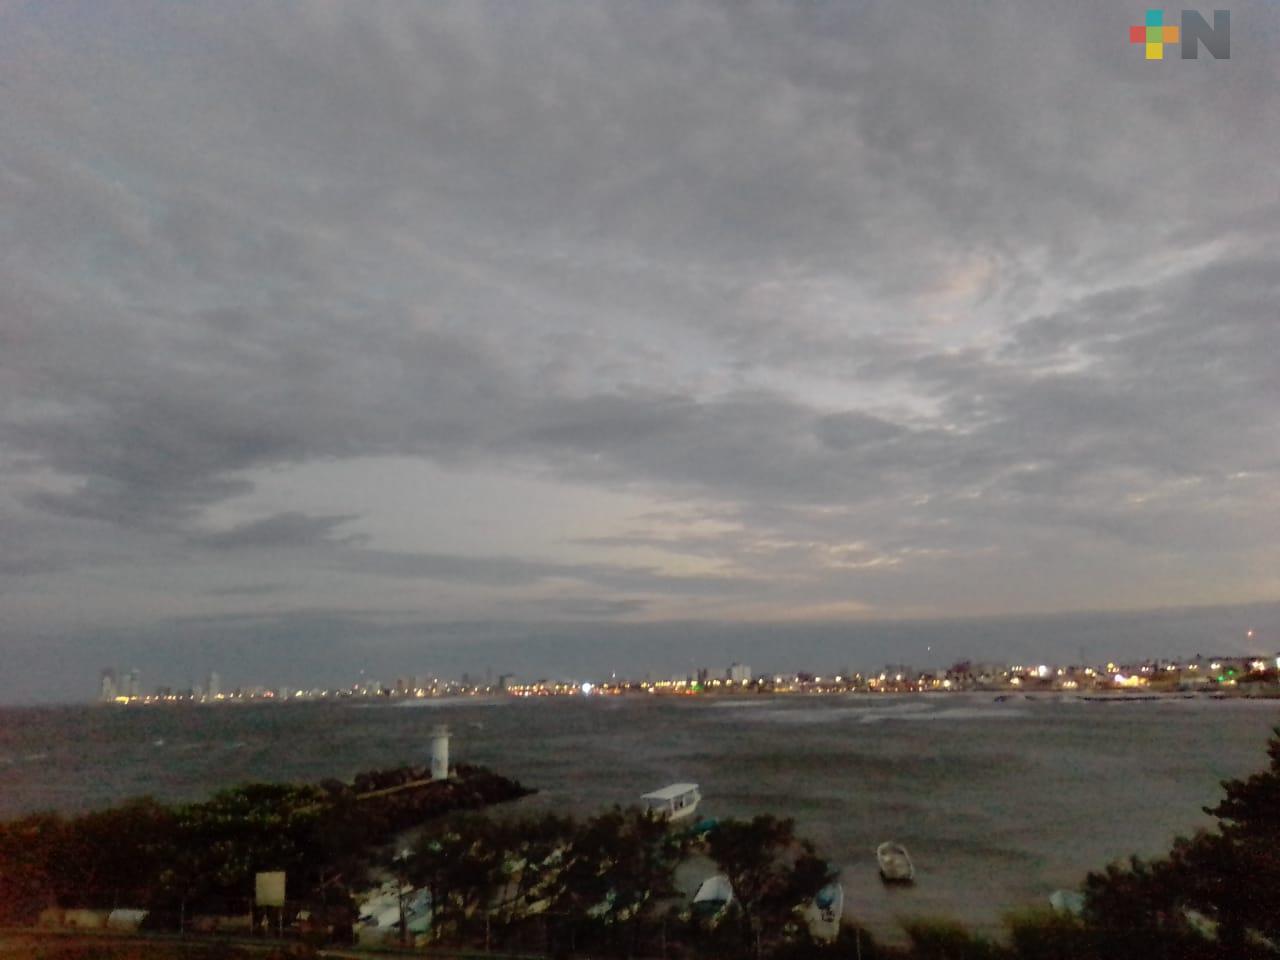 Disminuirá intensidad de viento en Veracruz-Boca del Río, pronostica Conagua